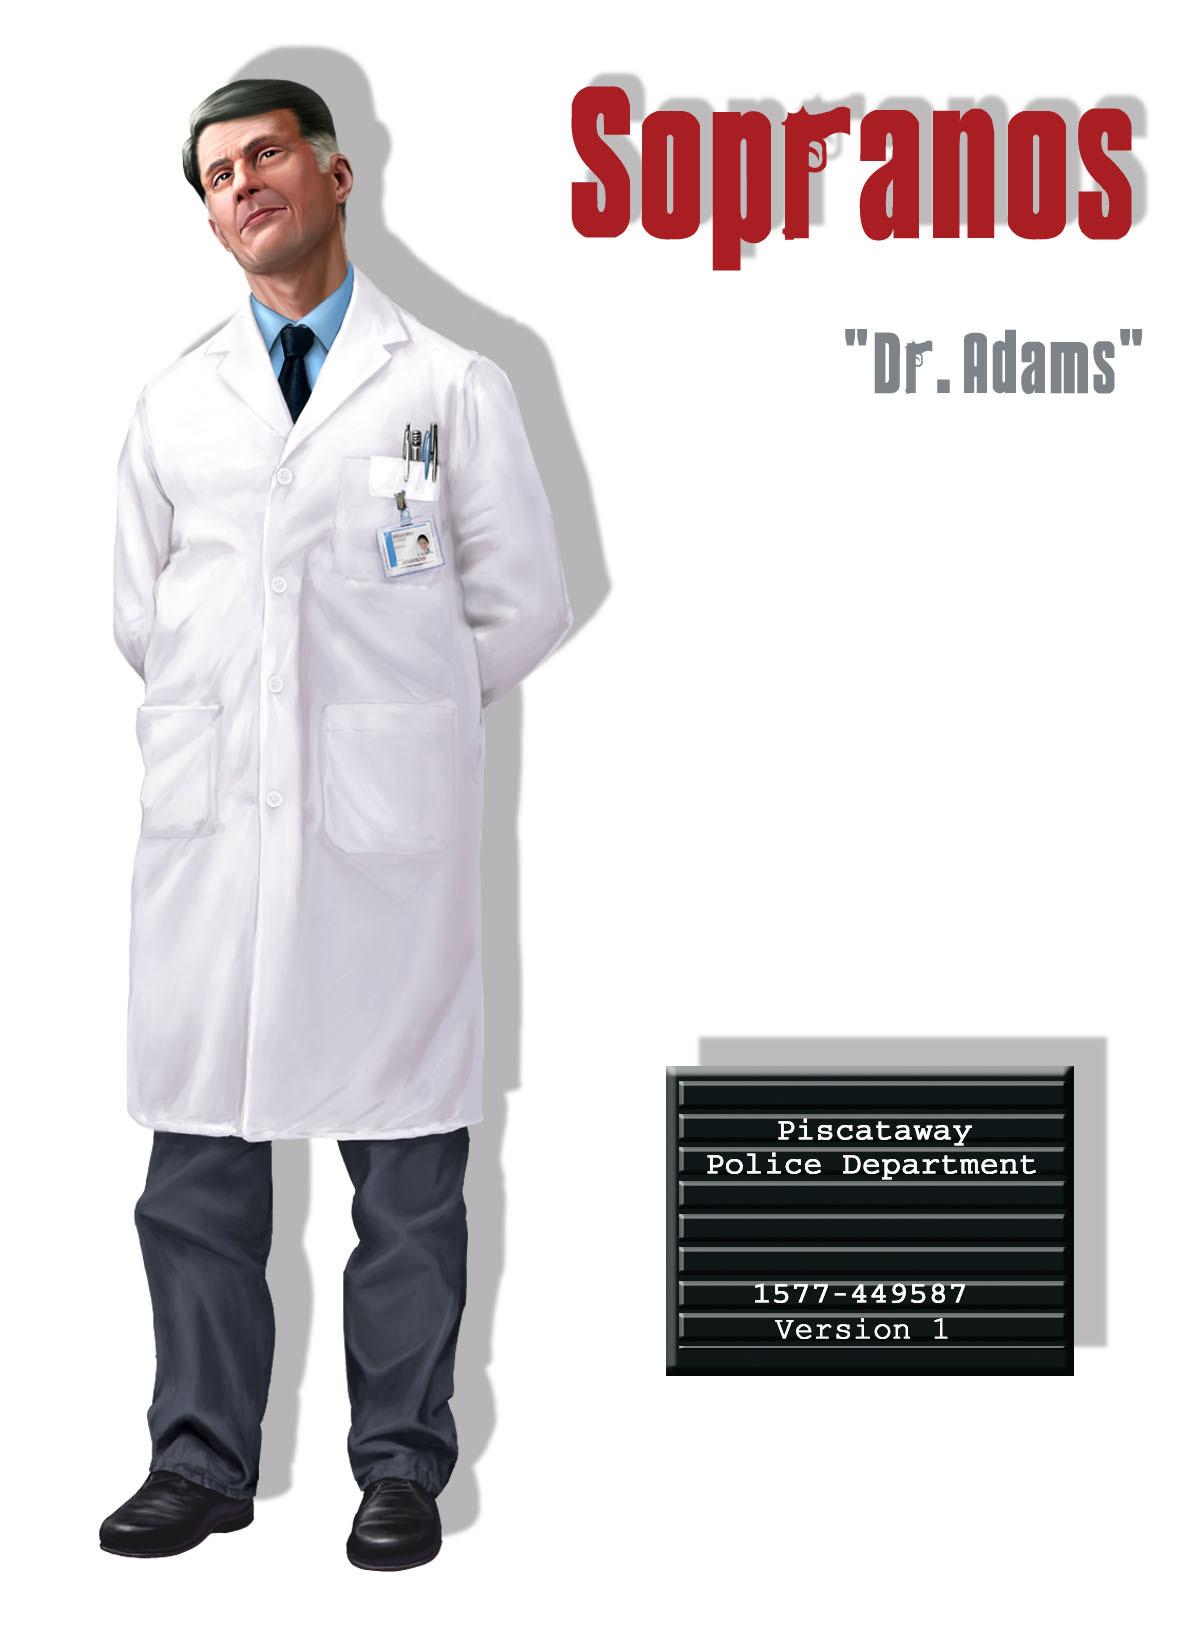 Jeff zugale dr adams concept v1